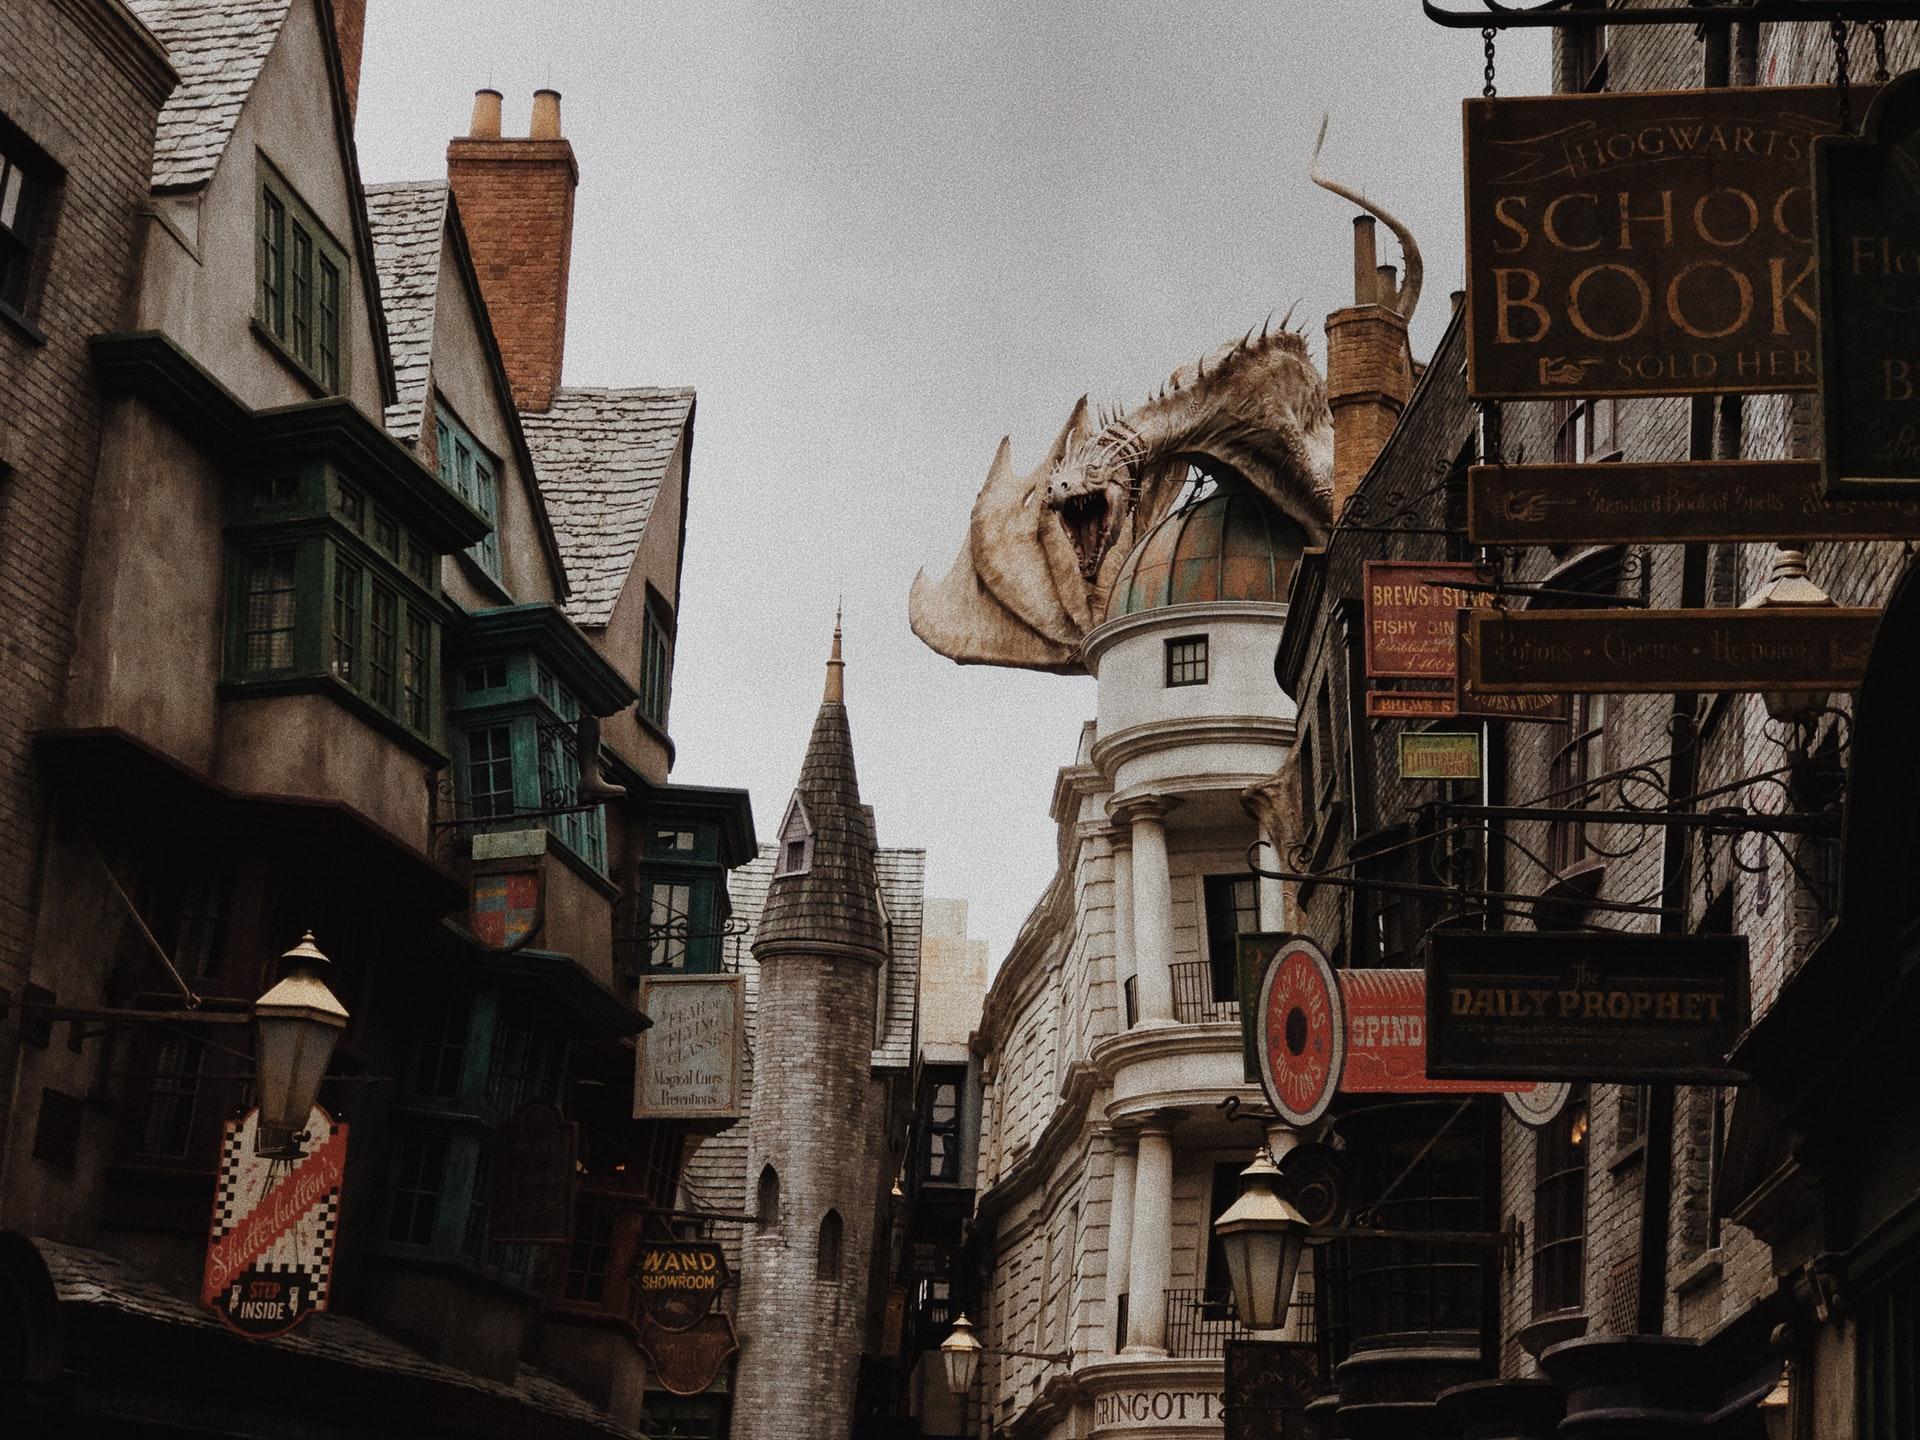 harry potter exposition paris magie expérience immersive europe